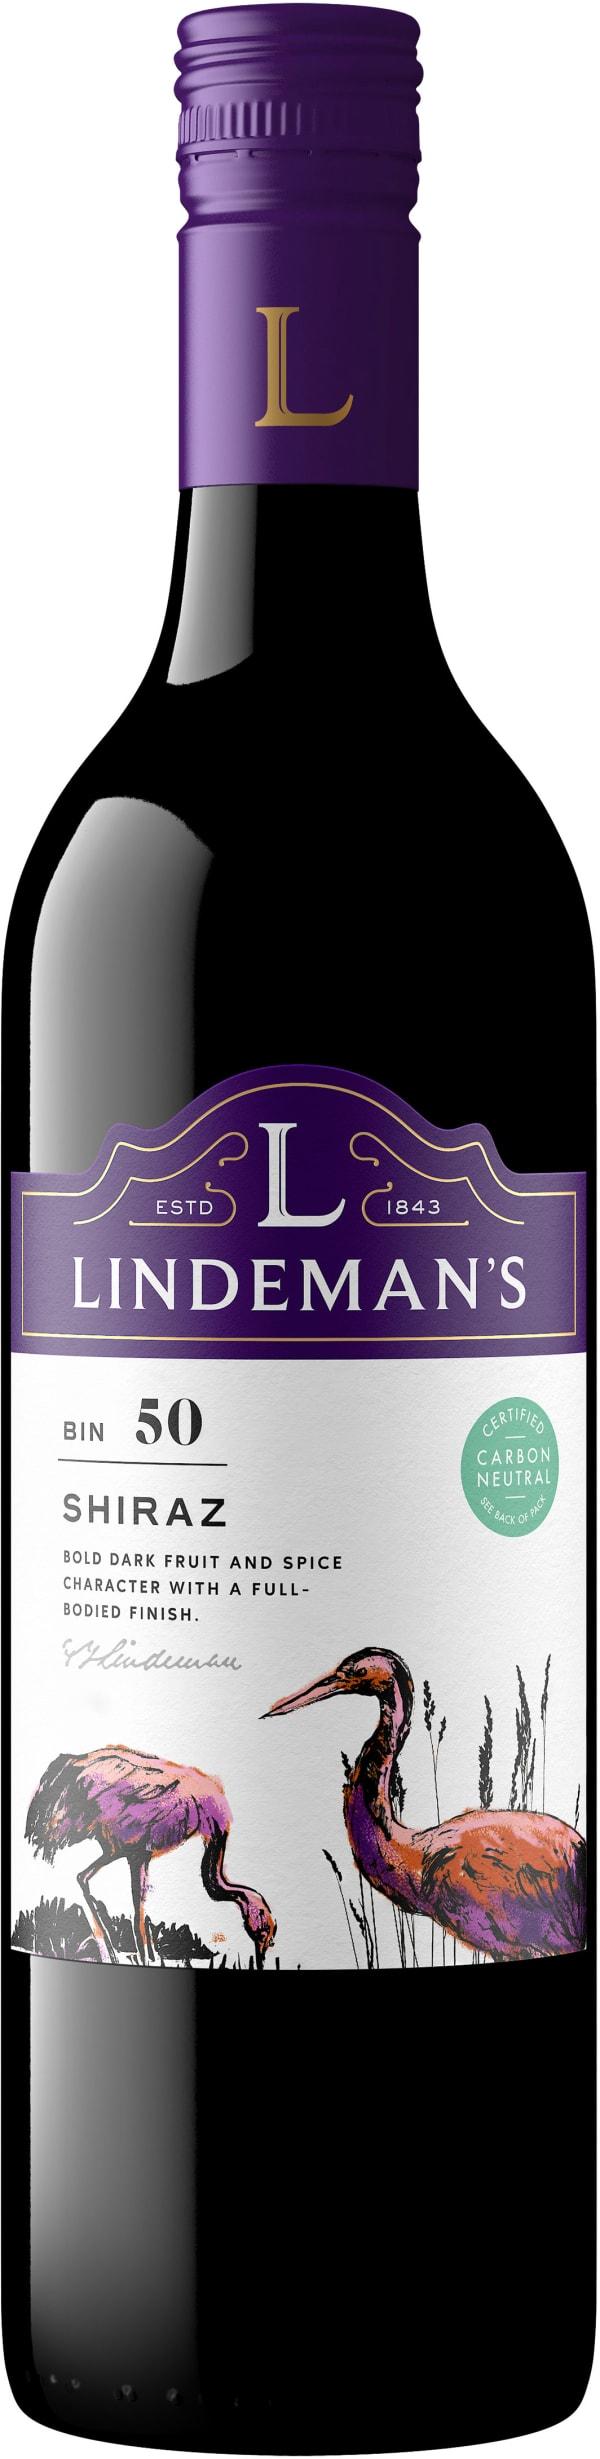 Lindeman's Bin 50 Shiraz 2016